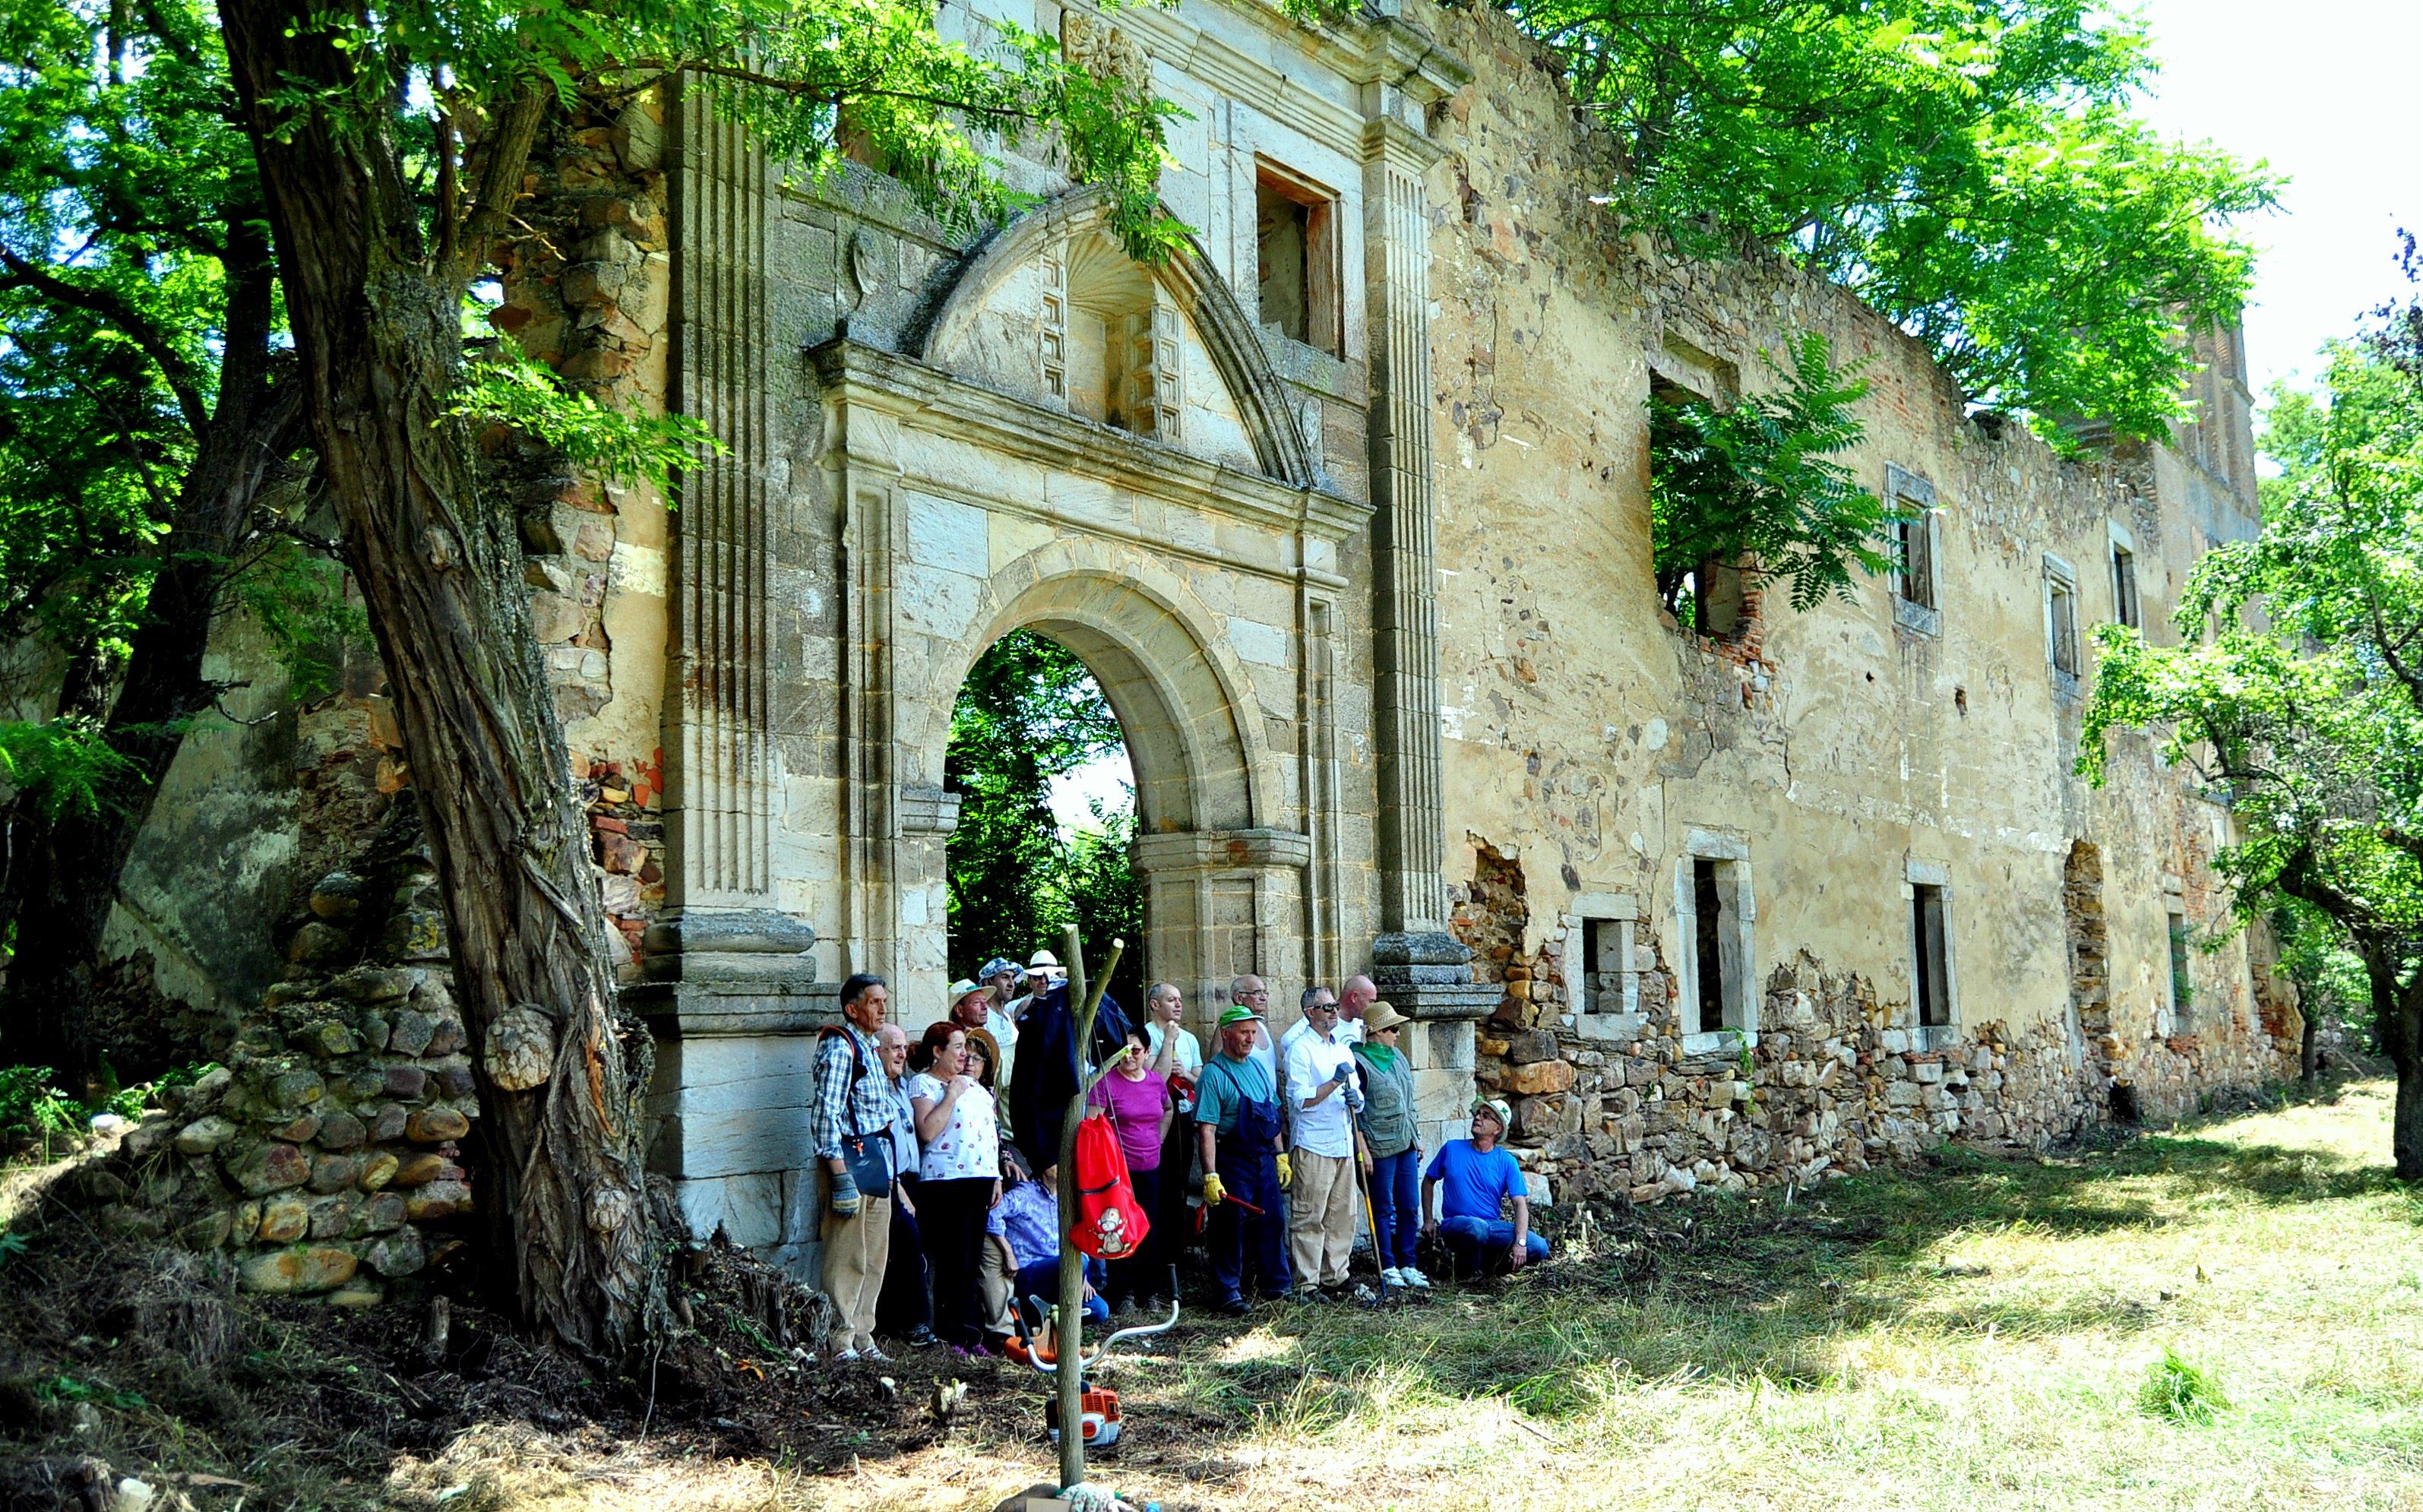 Casi al final, ante la fachada del monasterio.